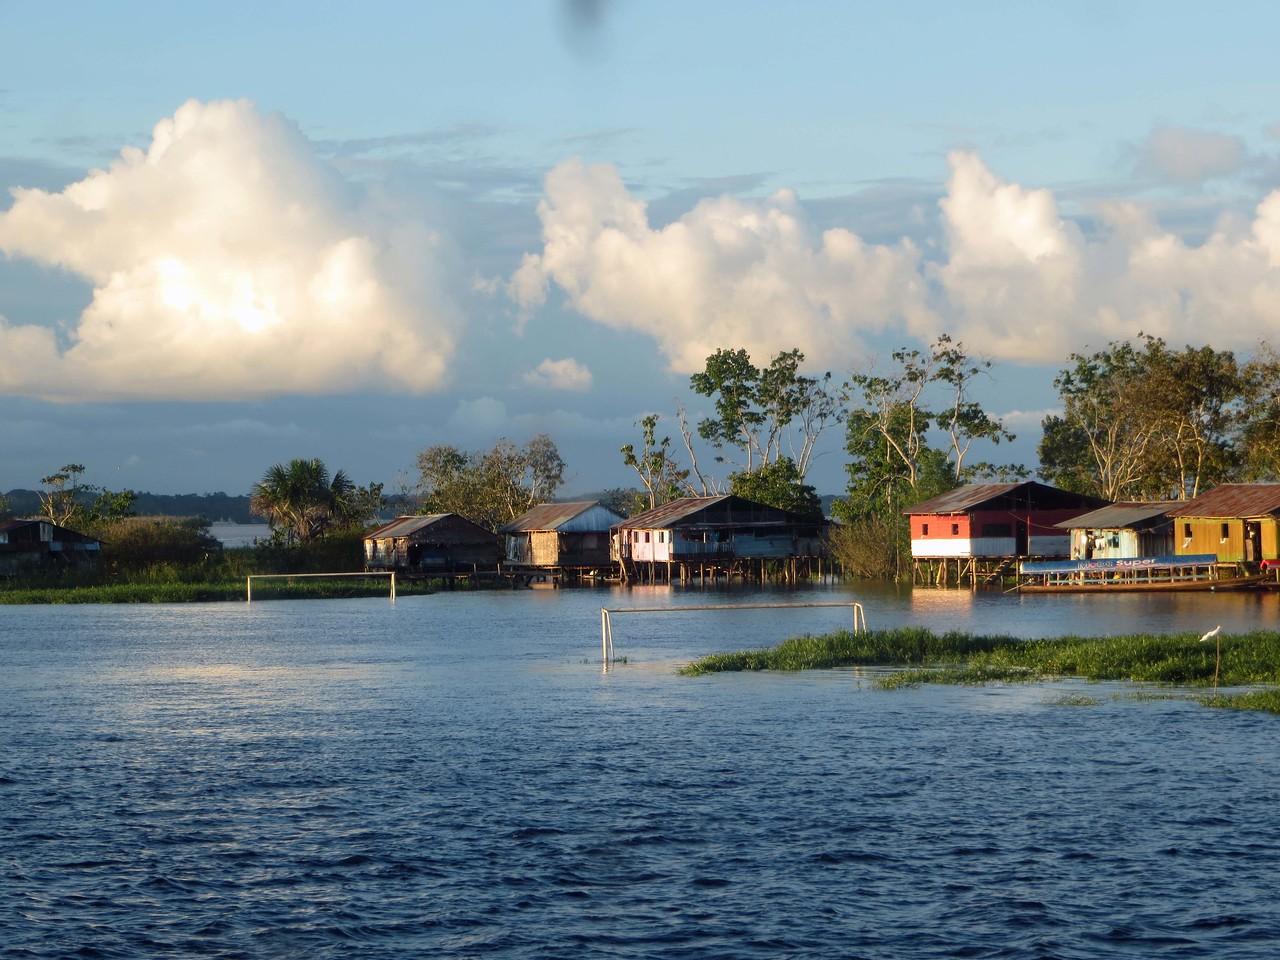 High Water Season - Amazon Basin